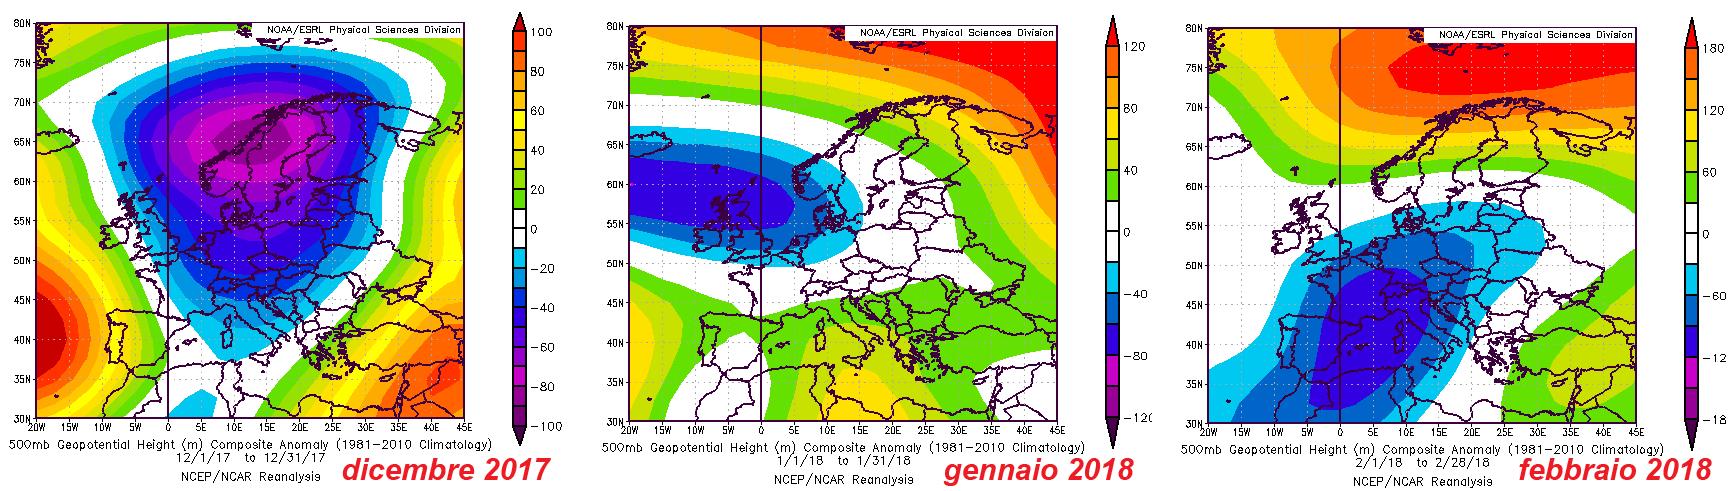 Meteo ASSAM Marche - anomalia geopotenziale 500mb inverno 2018